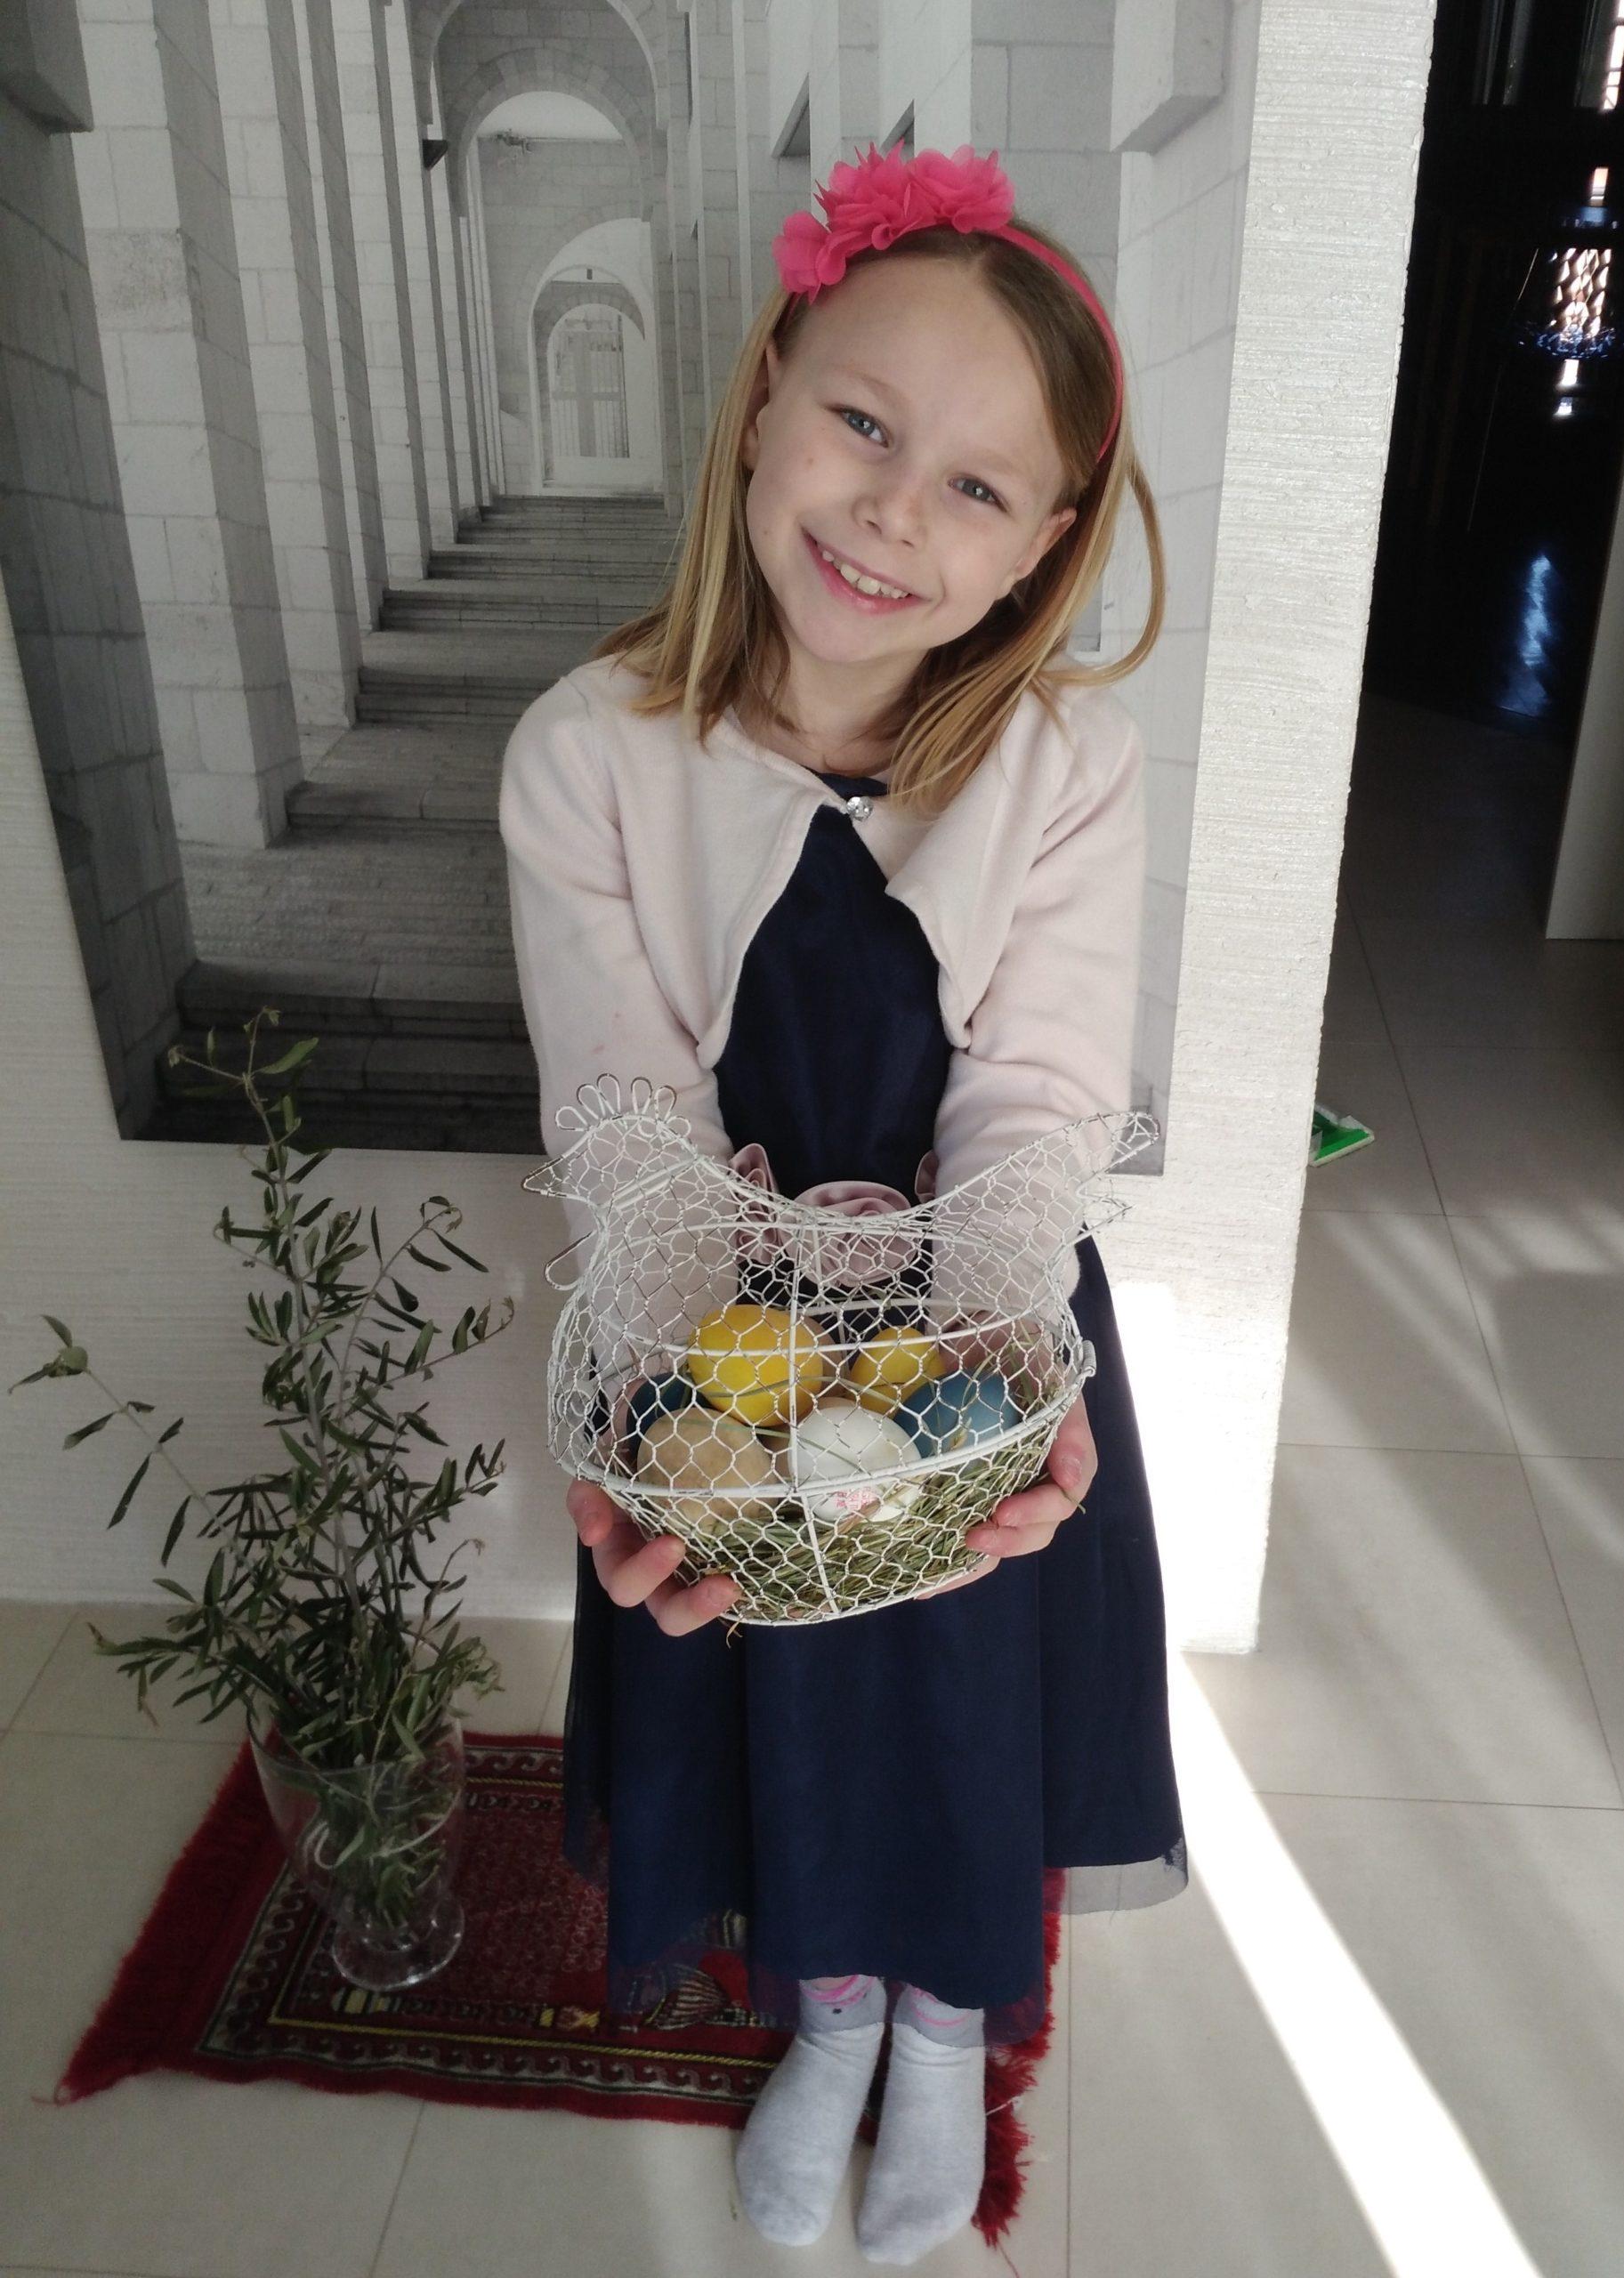 Miriam Fagiani 2^A - Le uova colorate